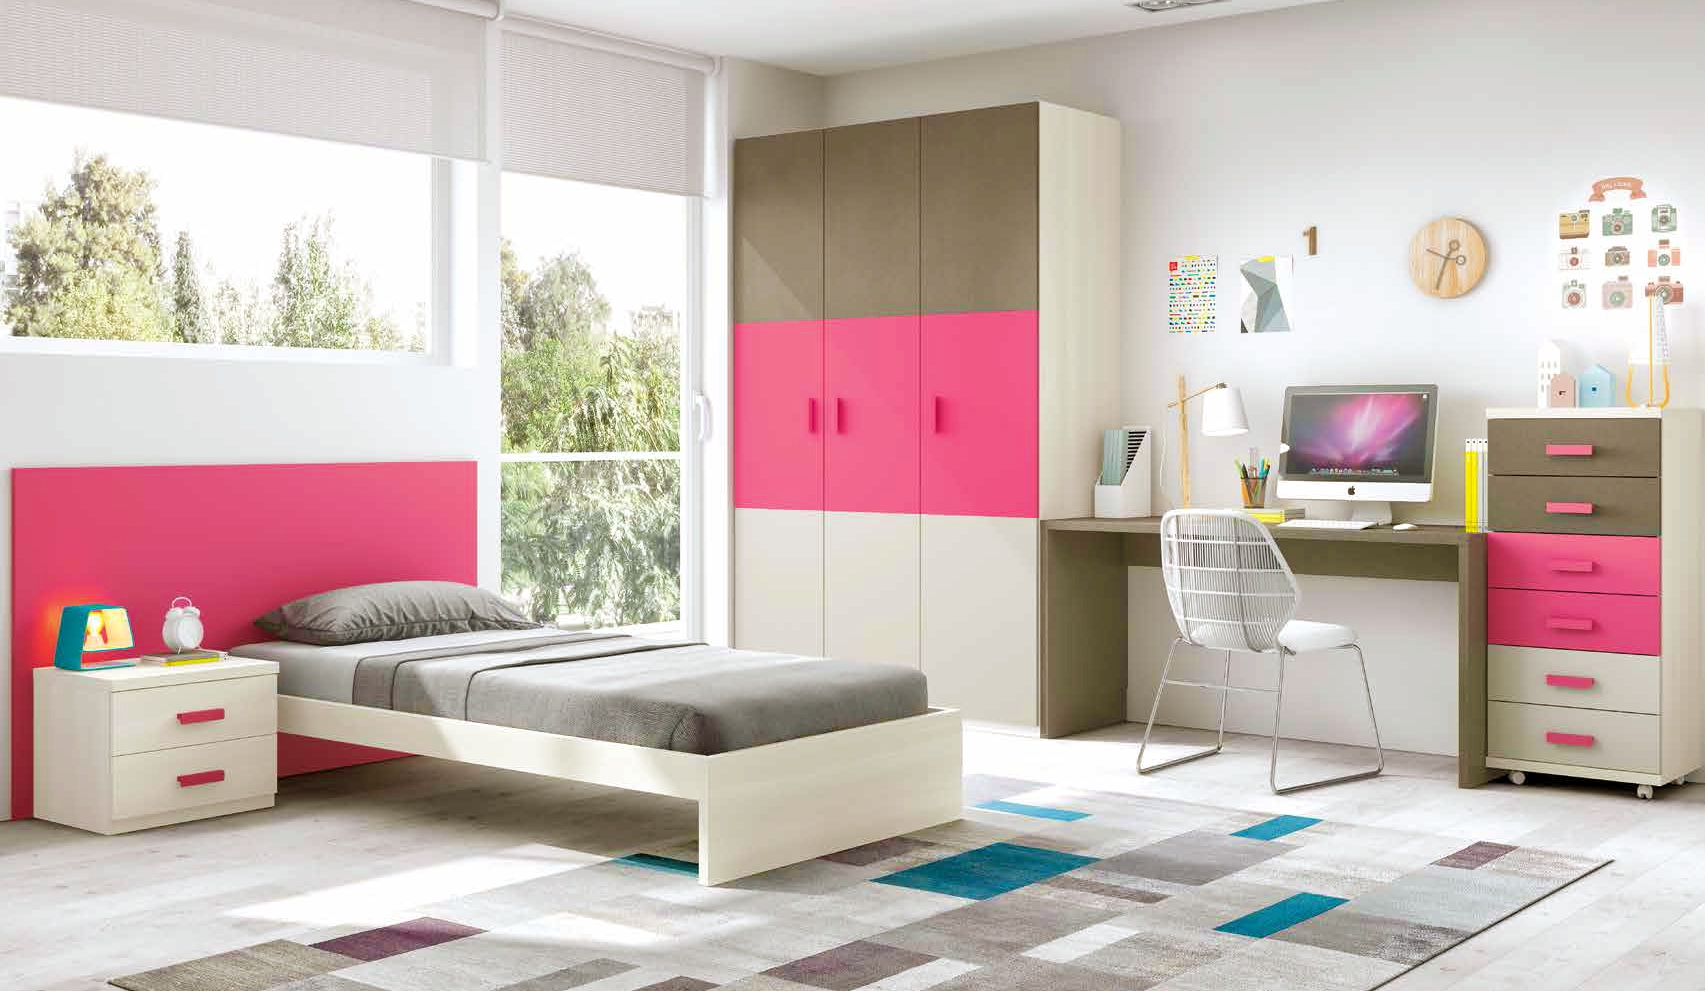 Deco Chambre Fille Ado decoration-chambre-enfant - maisonrenodeco.fr